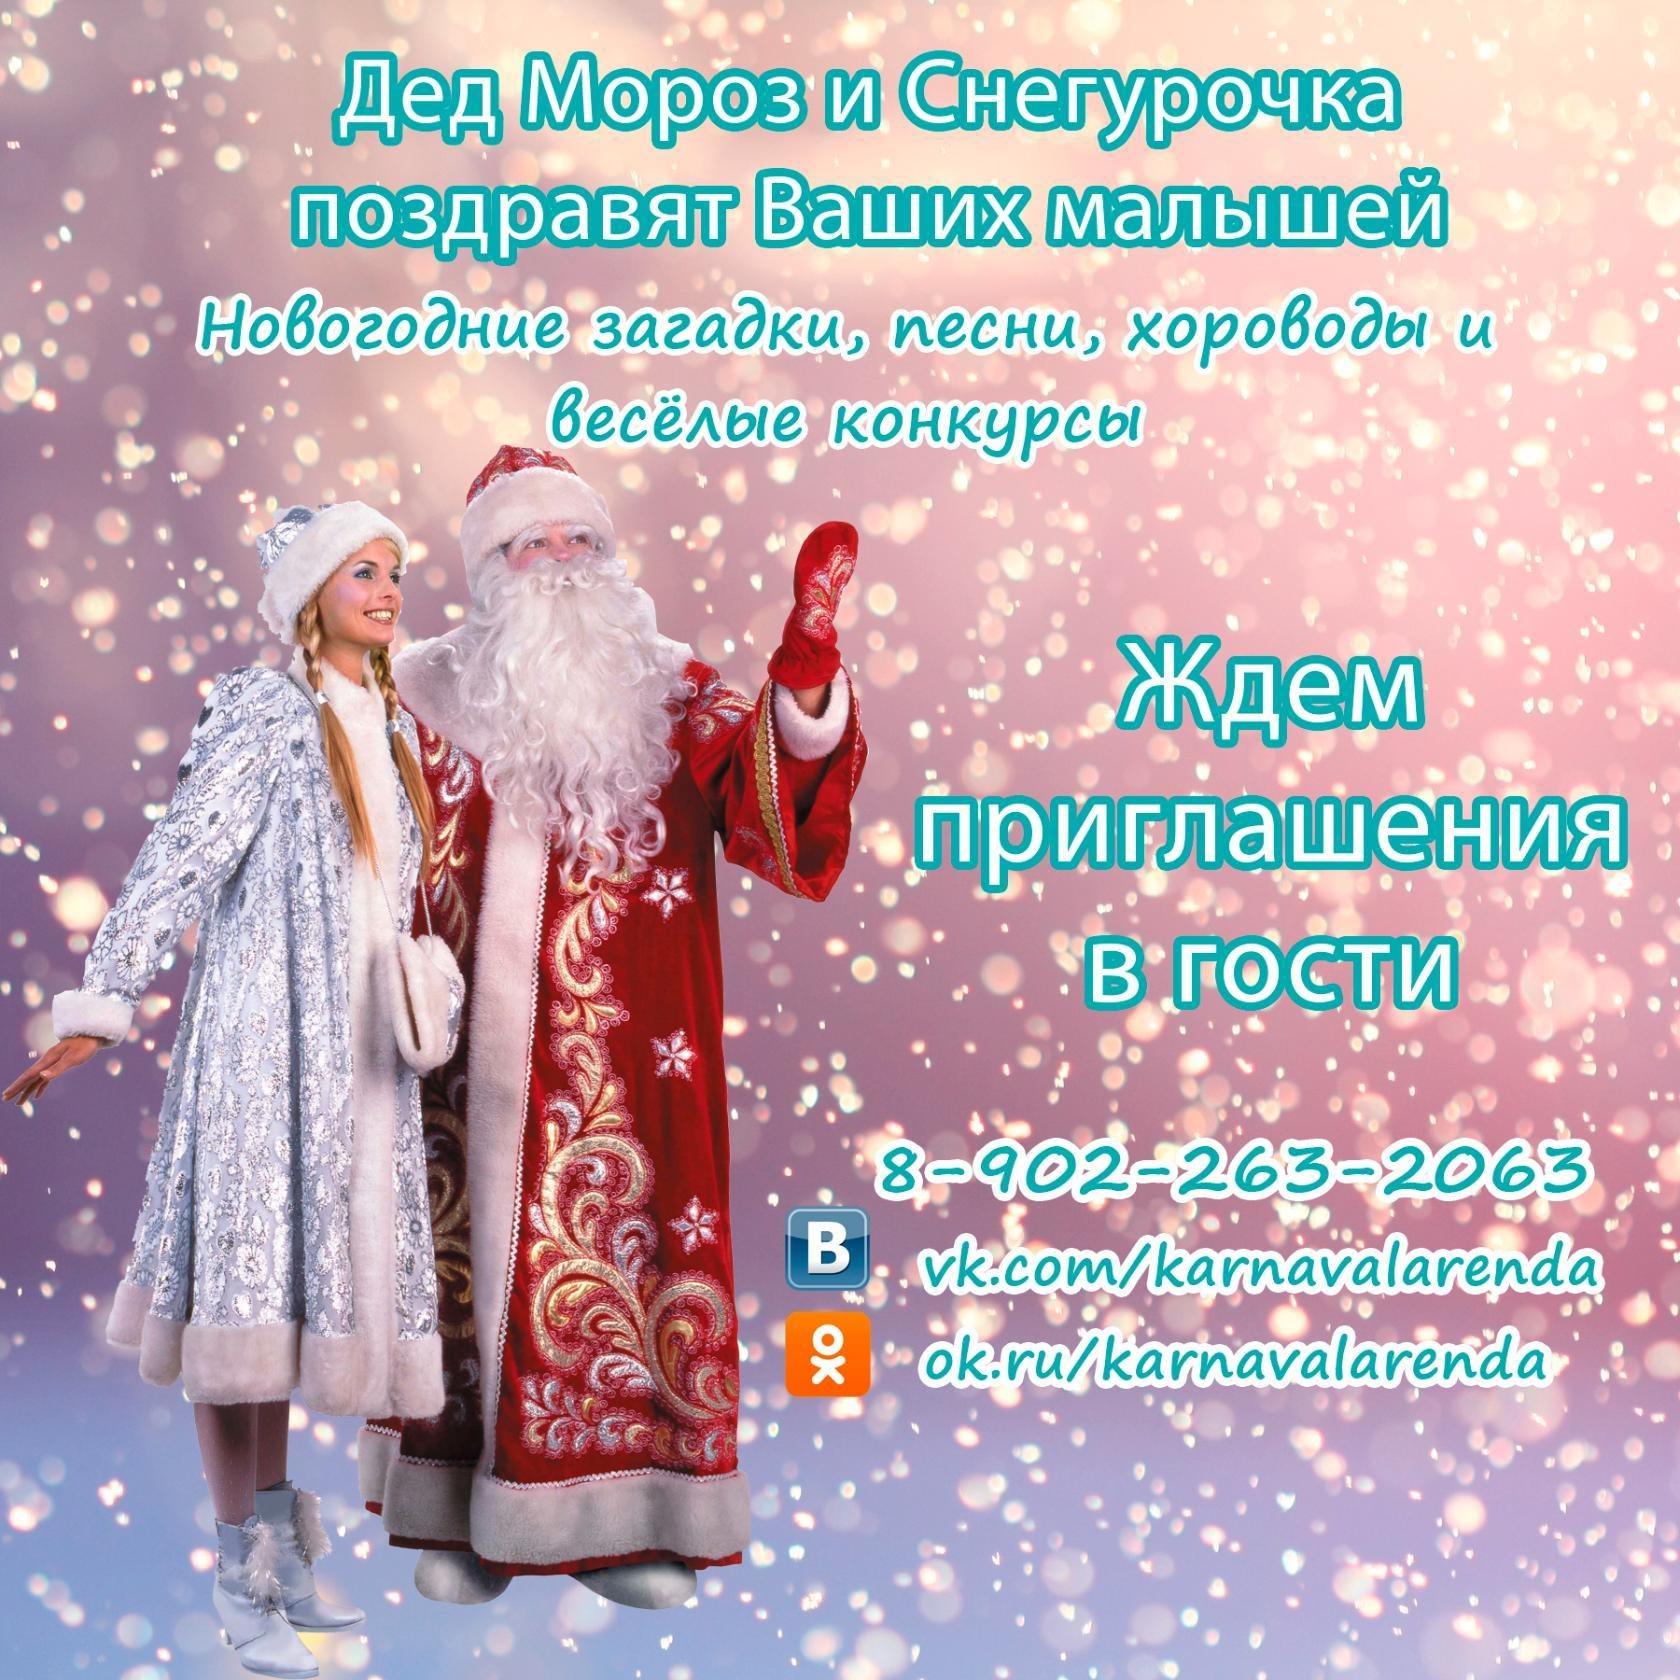 Прикольные Поздравления Снегурочки На Новый Год